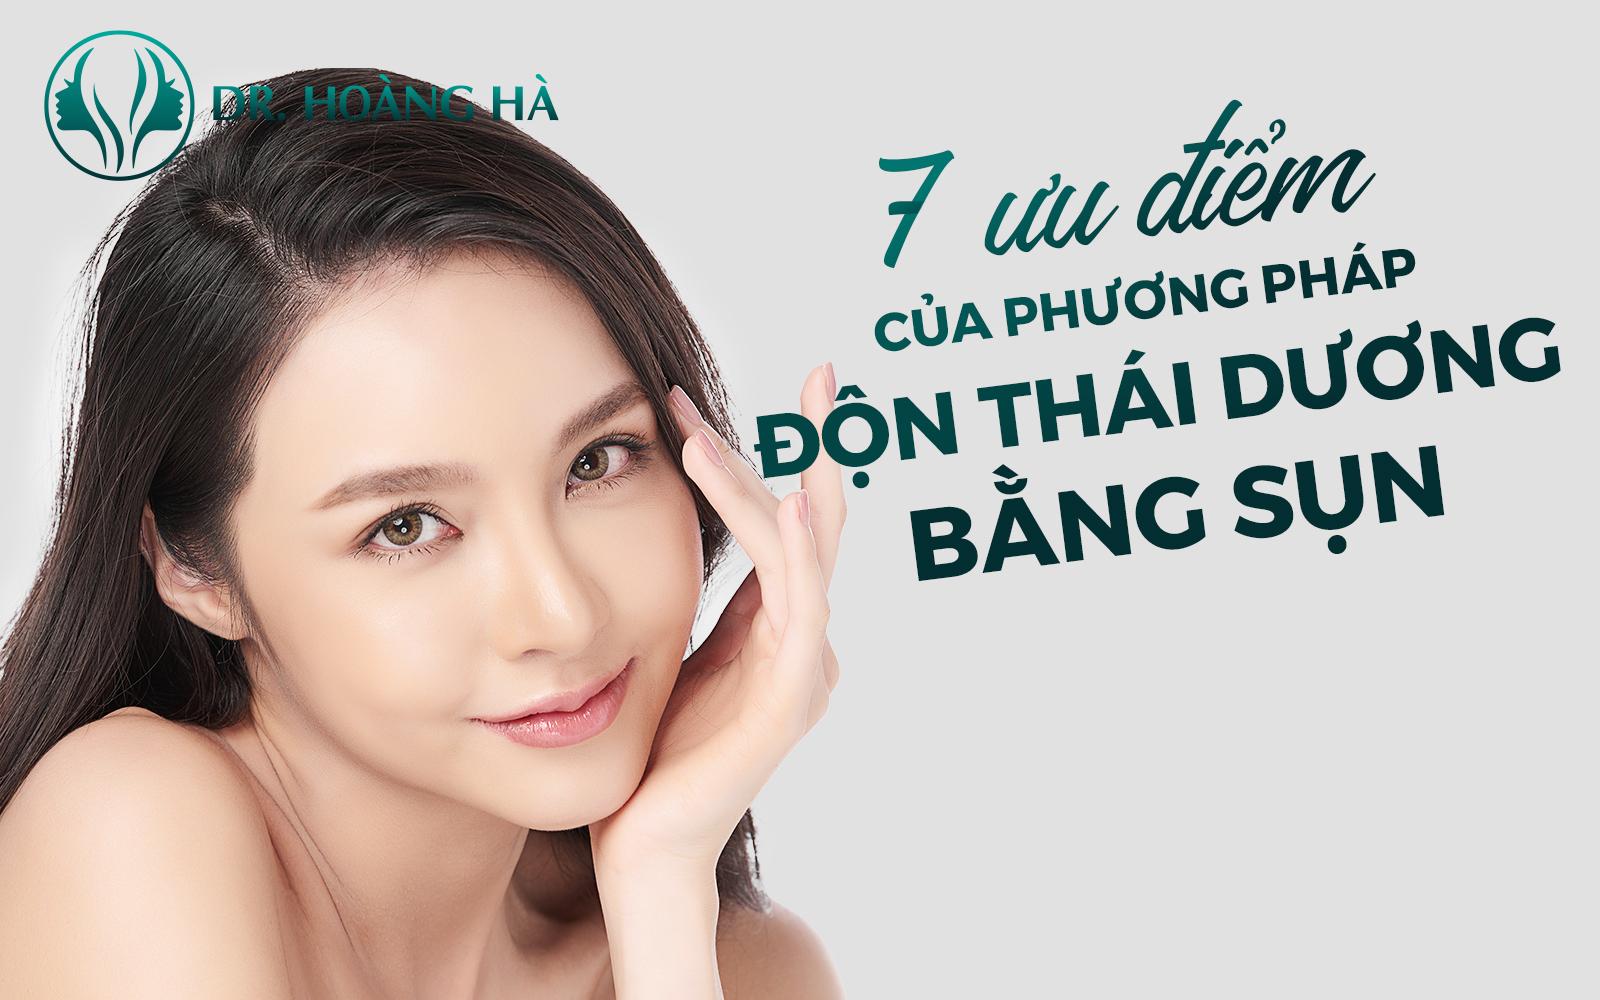 7 ưu điểm độn thsi dương bằng sụn tại Dr Hoàng Hà